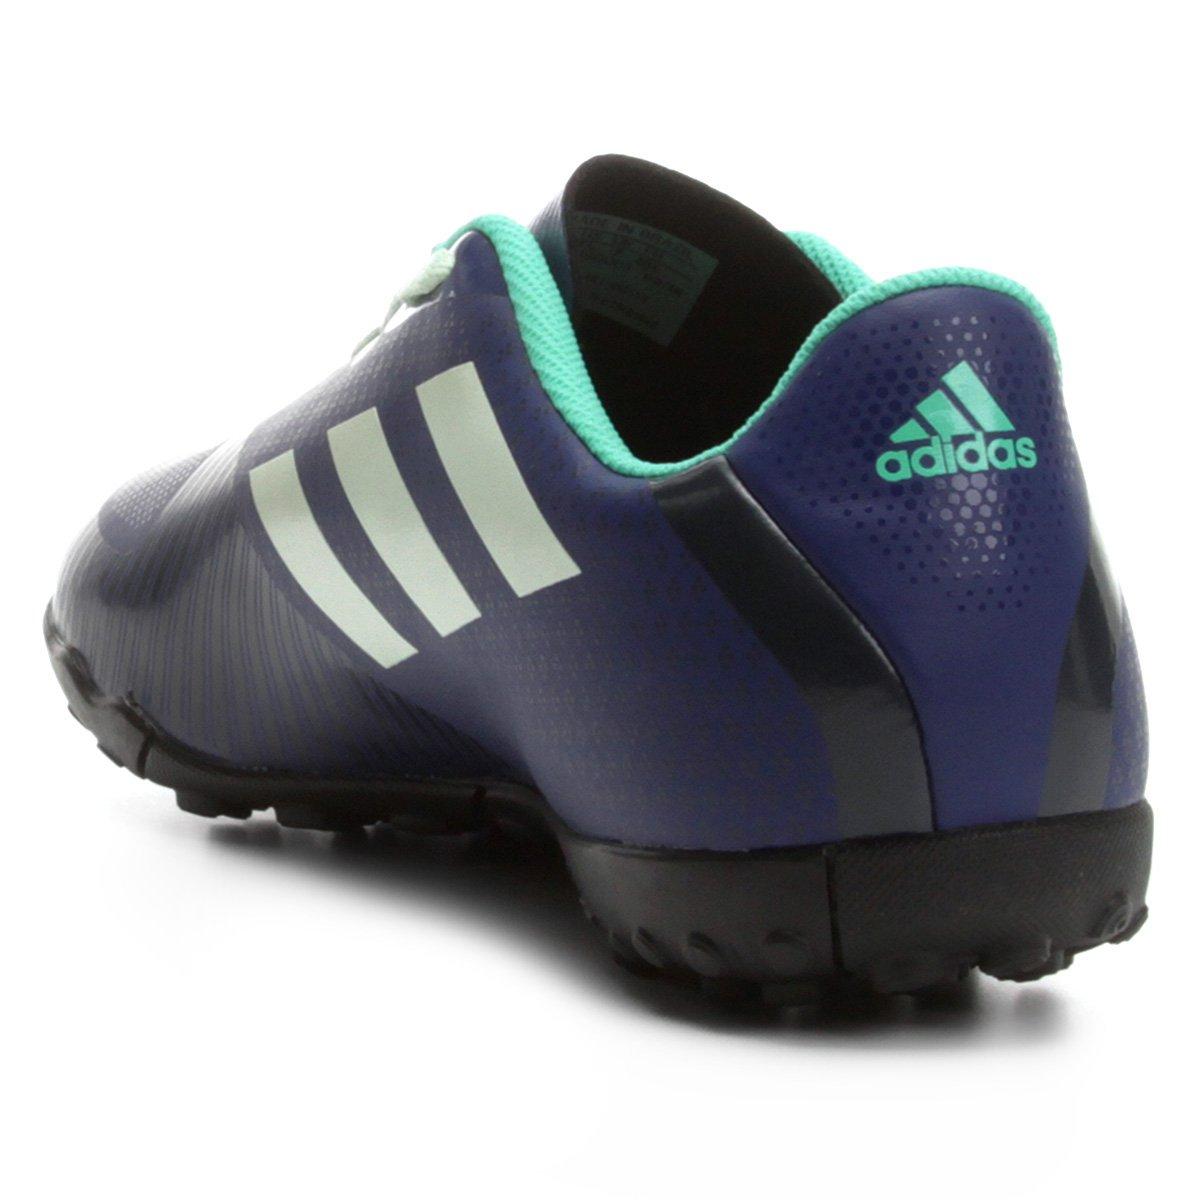 32def624a0 Chuteira Society Adidas Artilheira 18 TF - Azul e Verde - Compre ...